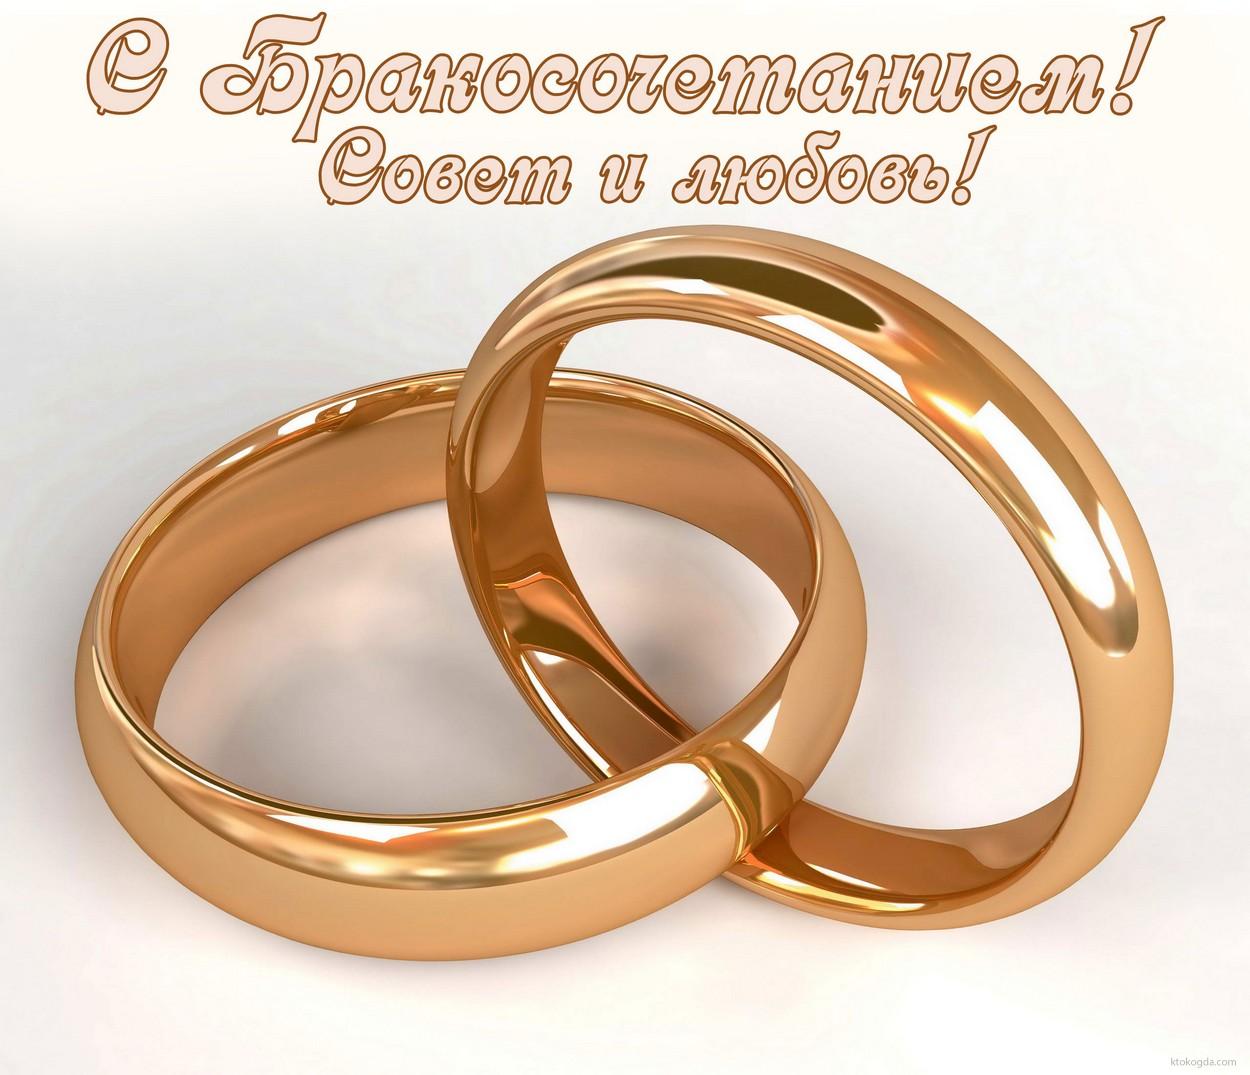 Кольца для поздравления